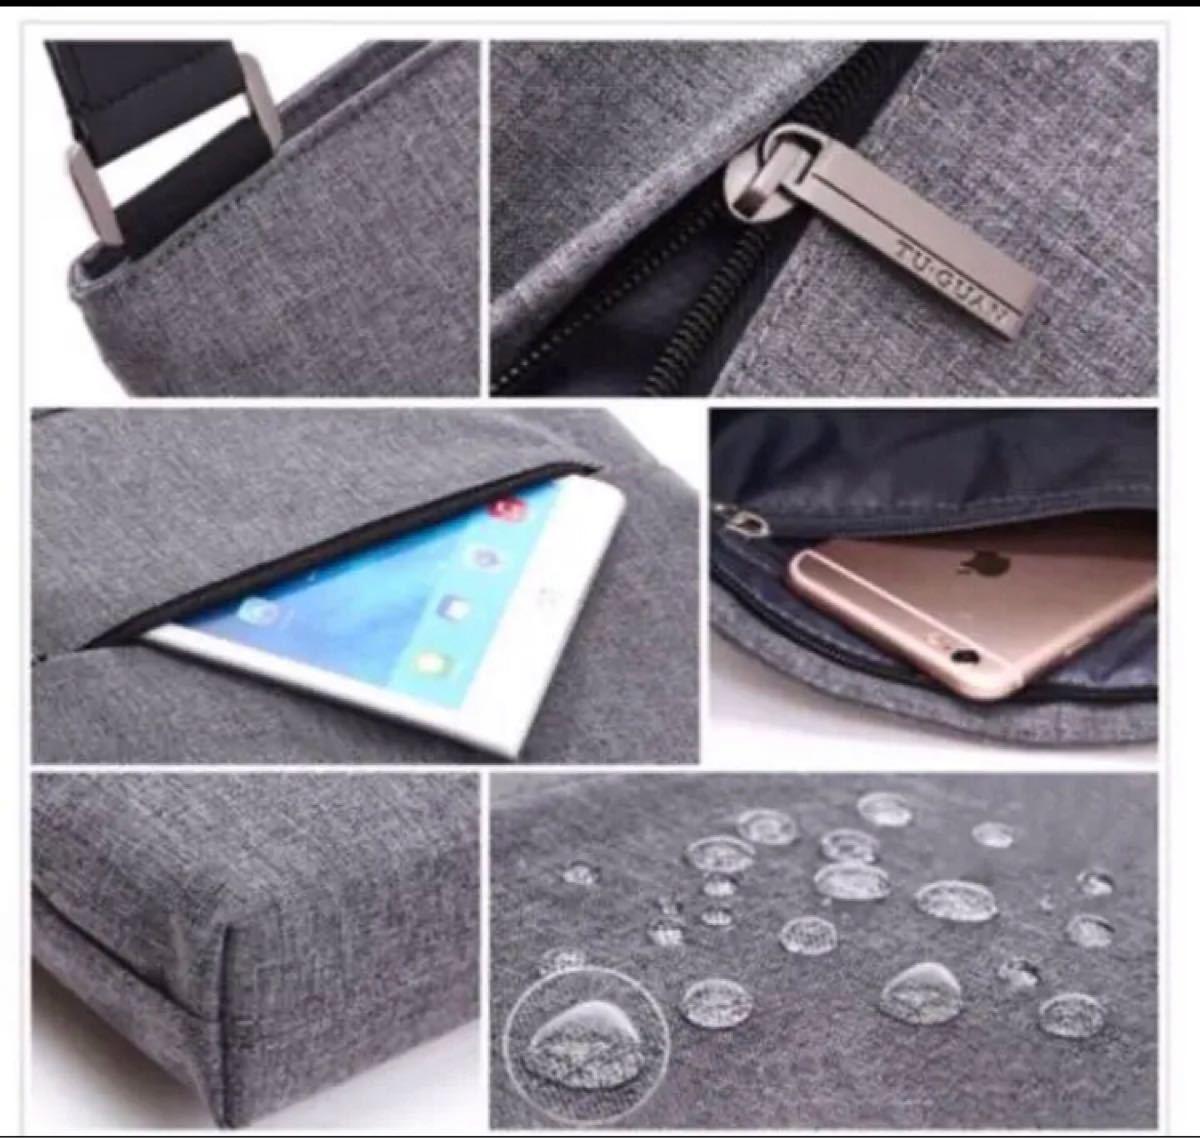 ショルダーバッグ メンズバッグ メッセンジャーバッグ ブラック  iPad  ボディーバッグ 黒 ビジネスバッグ 斜め掛けバッグ